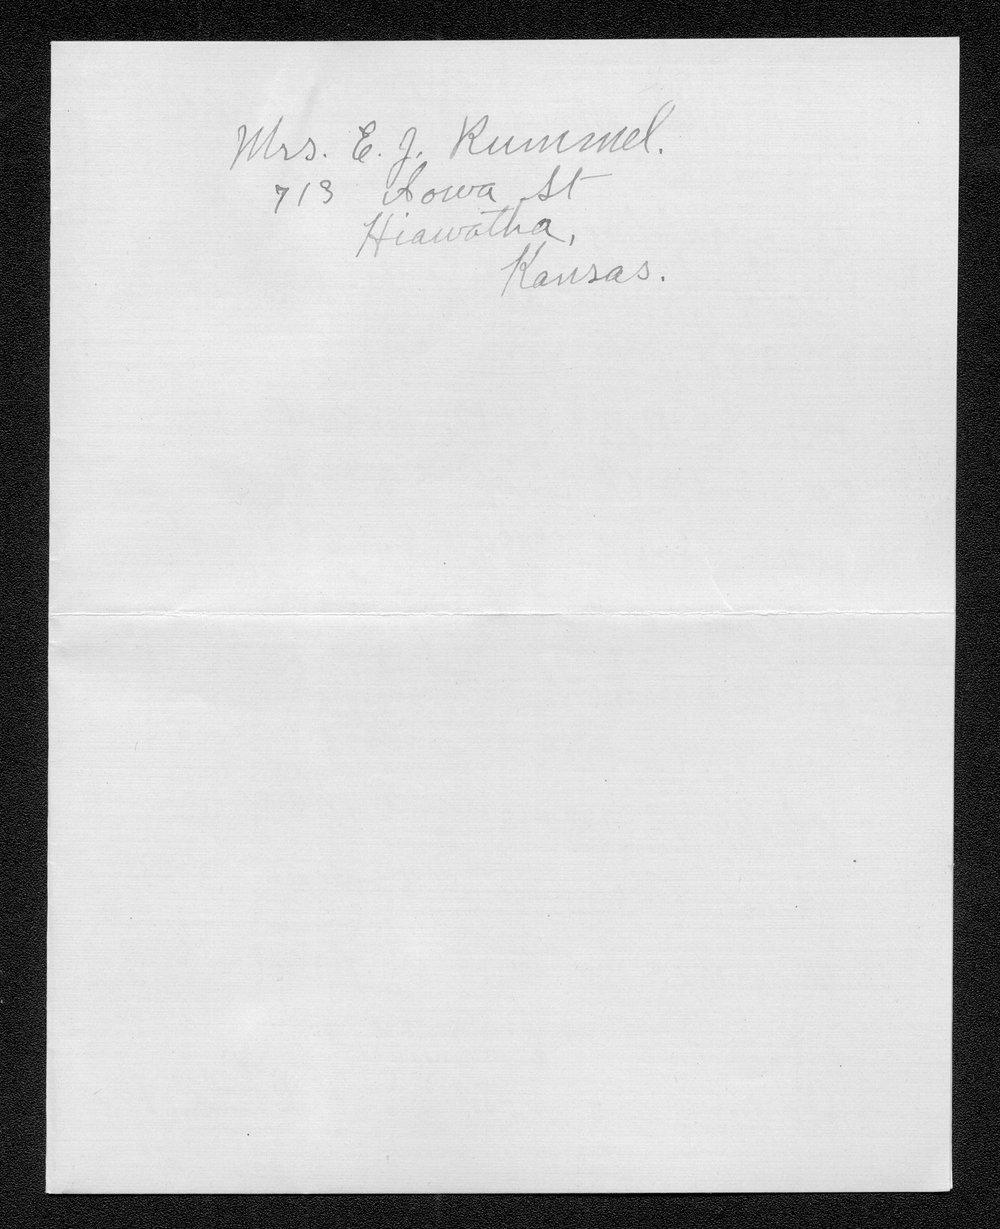 Ross J. Rummel, World War I soldier - 9